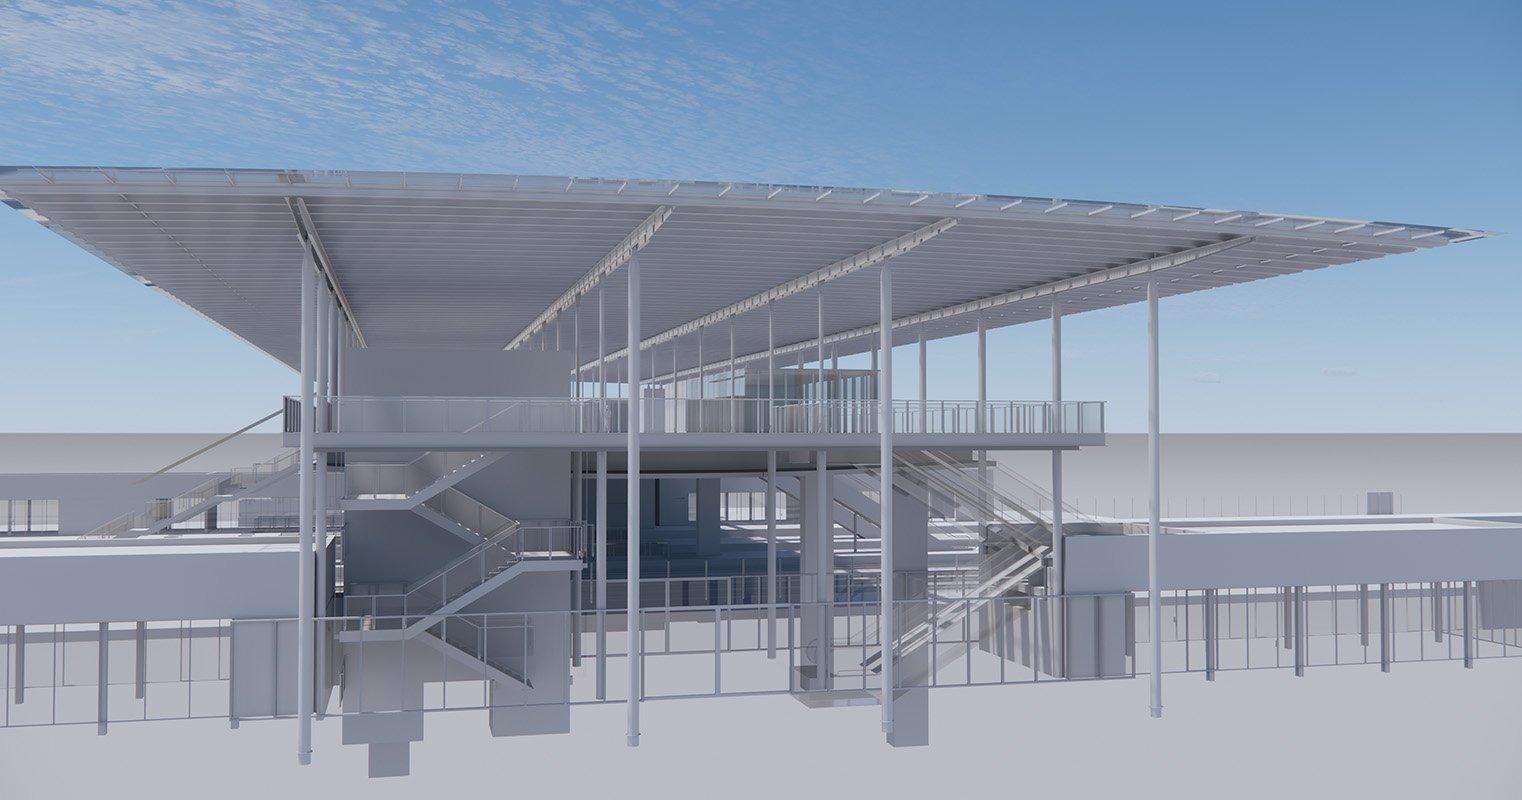 milano nuova stazione di sesto san giovanni stazione ferroviaria piazza primo maggio meg studio